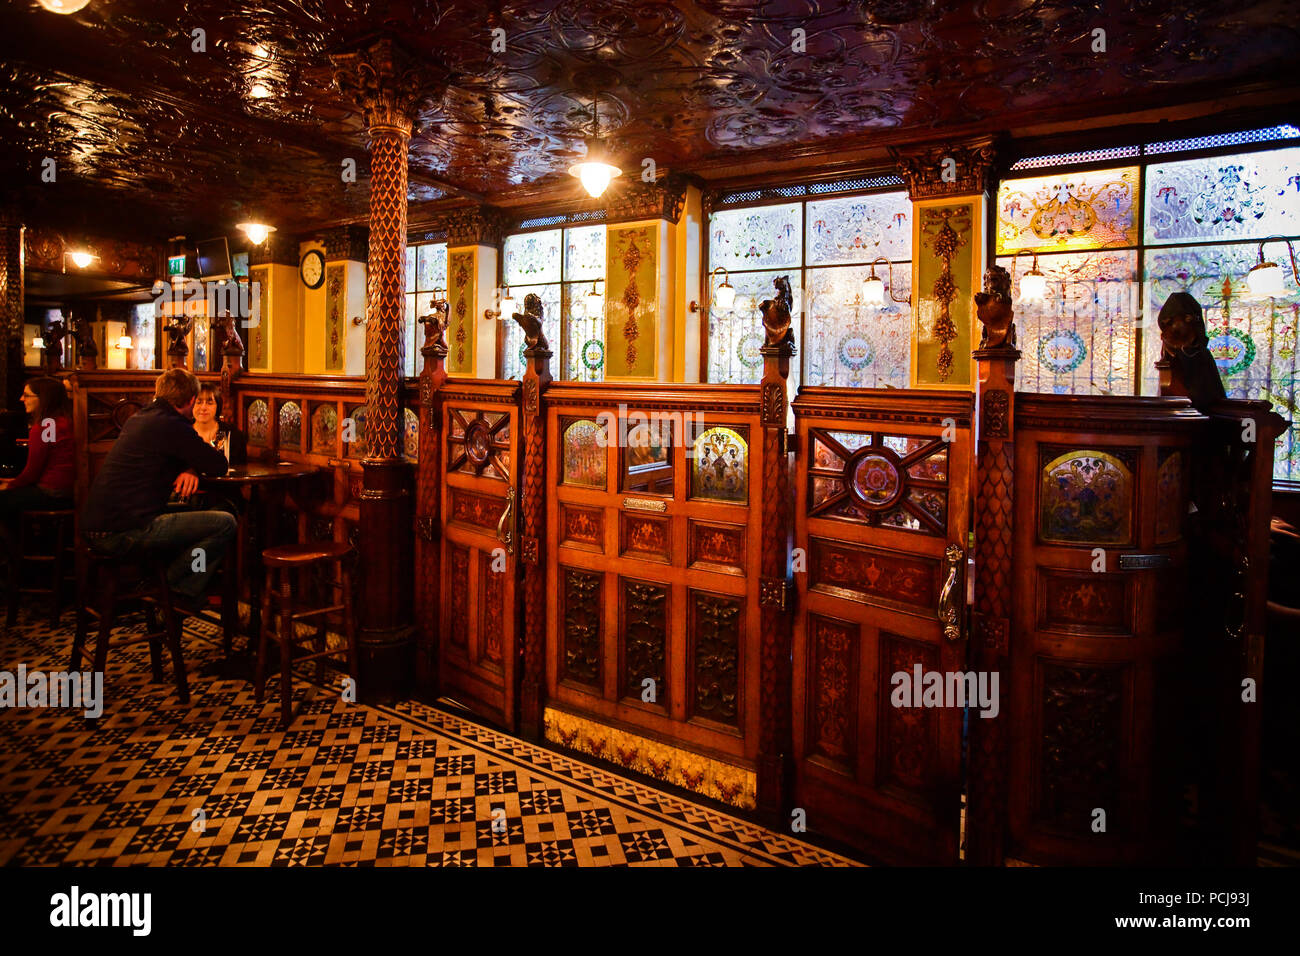 Interieur D Un Bar intérieur du bar victorien du xixe siècle banque d'images